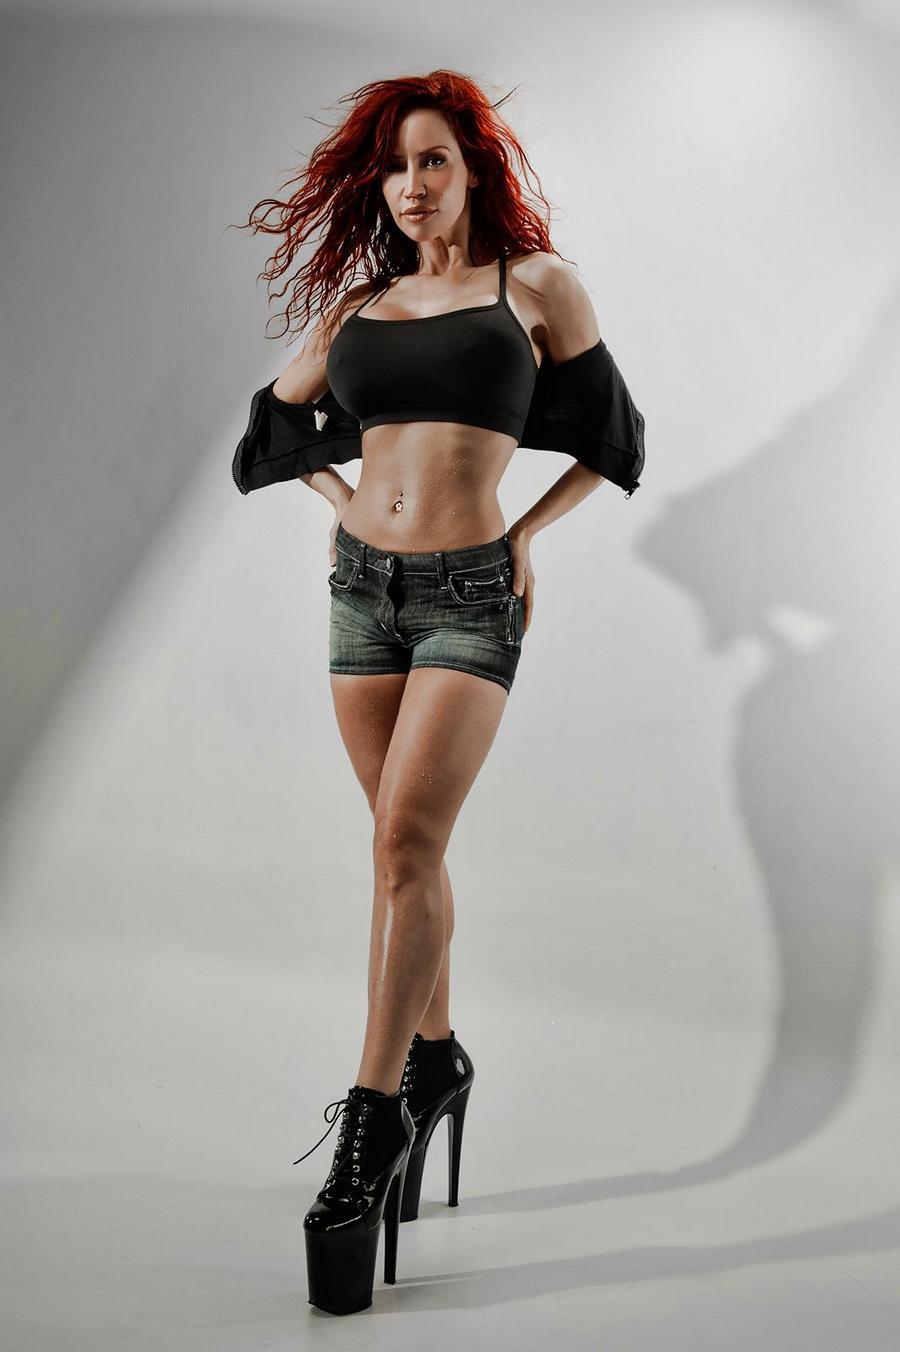 Фотомодель Бьянка с грудью фантастических размеров - порно фото